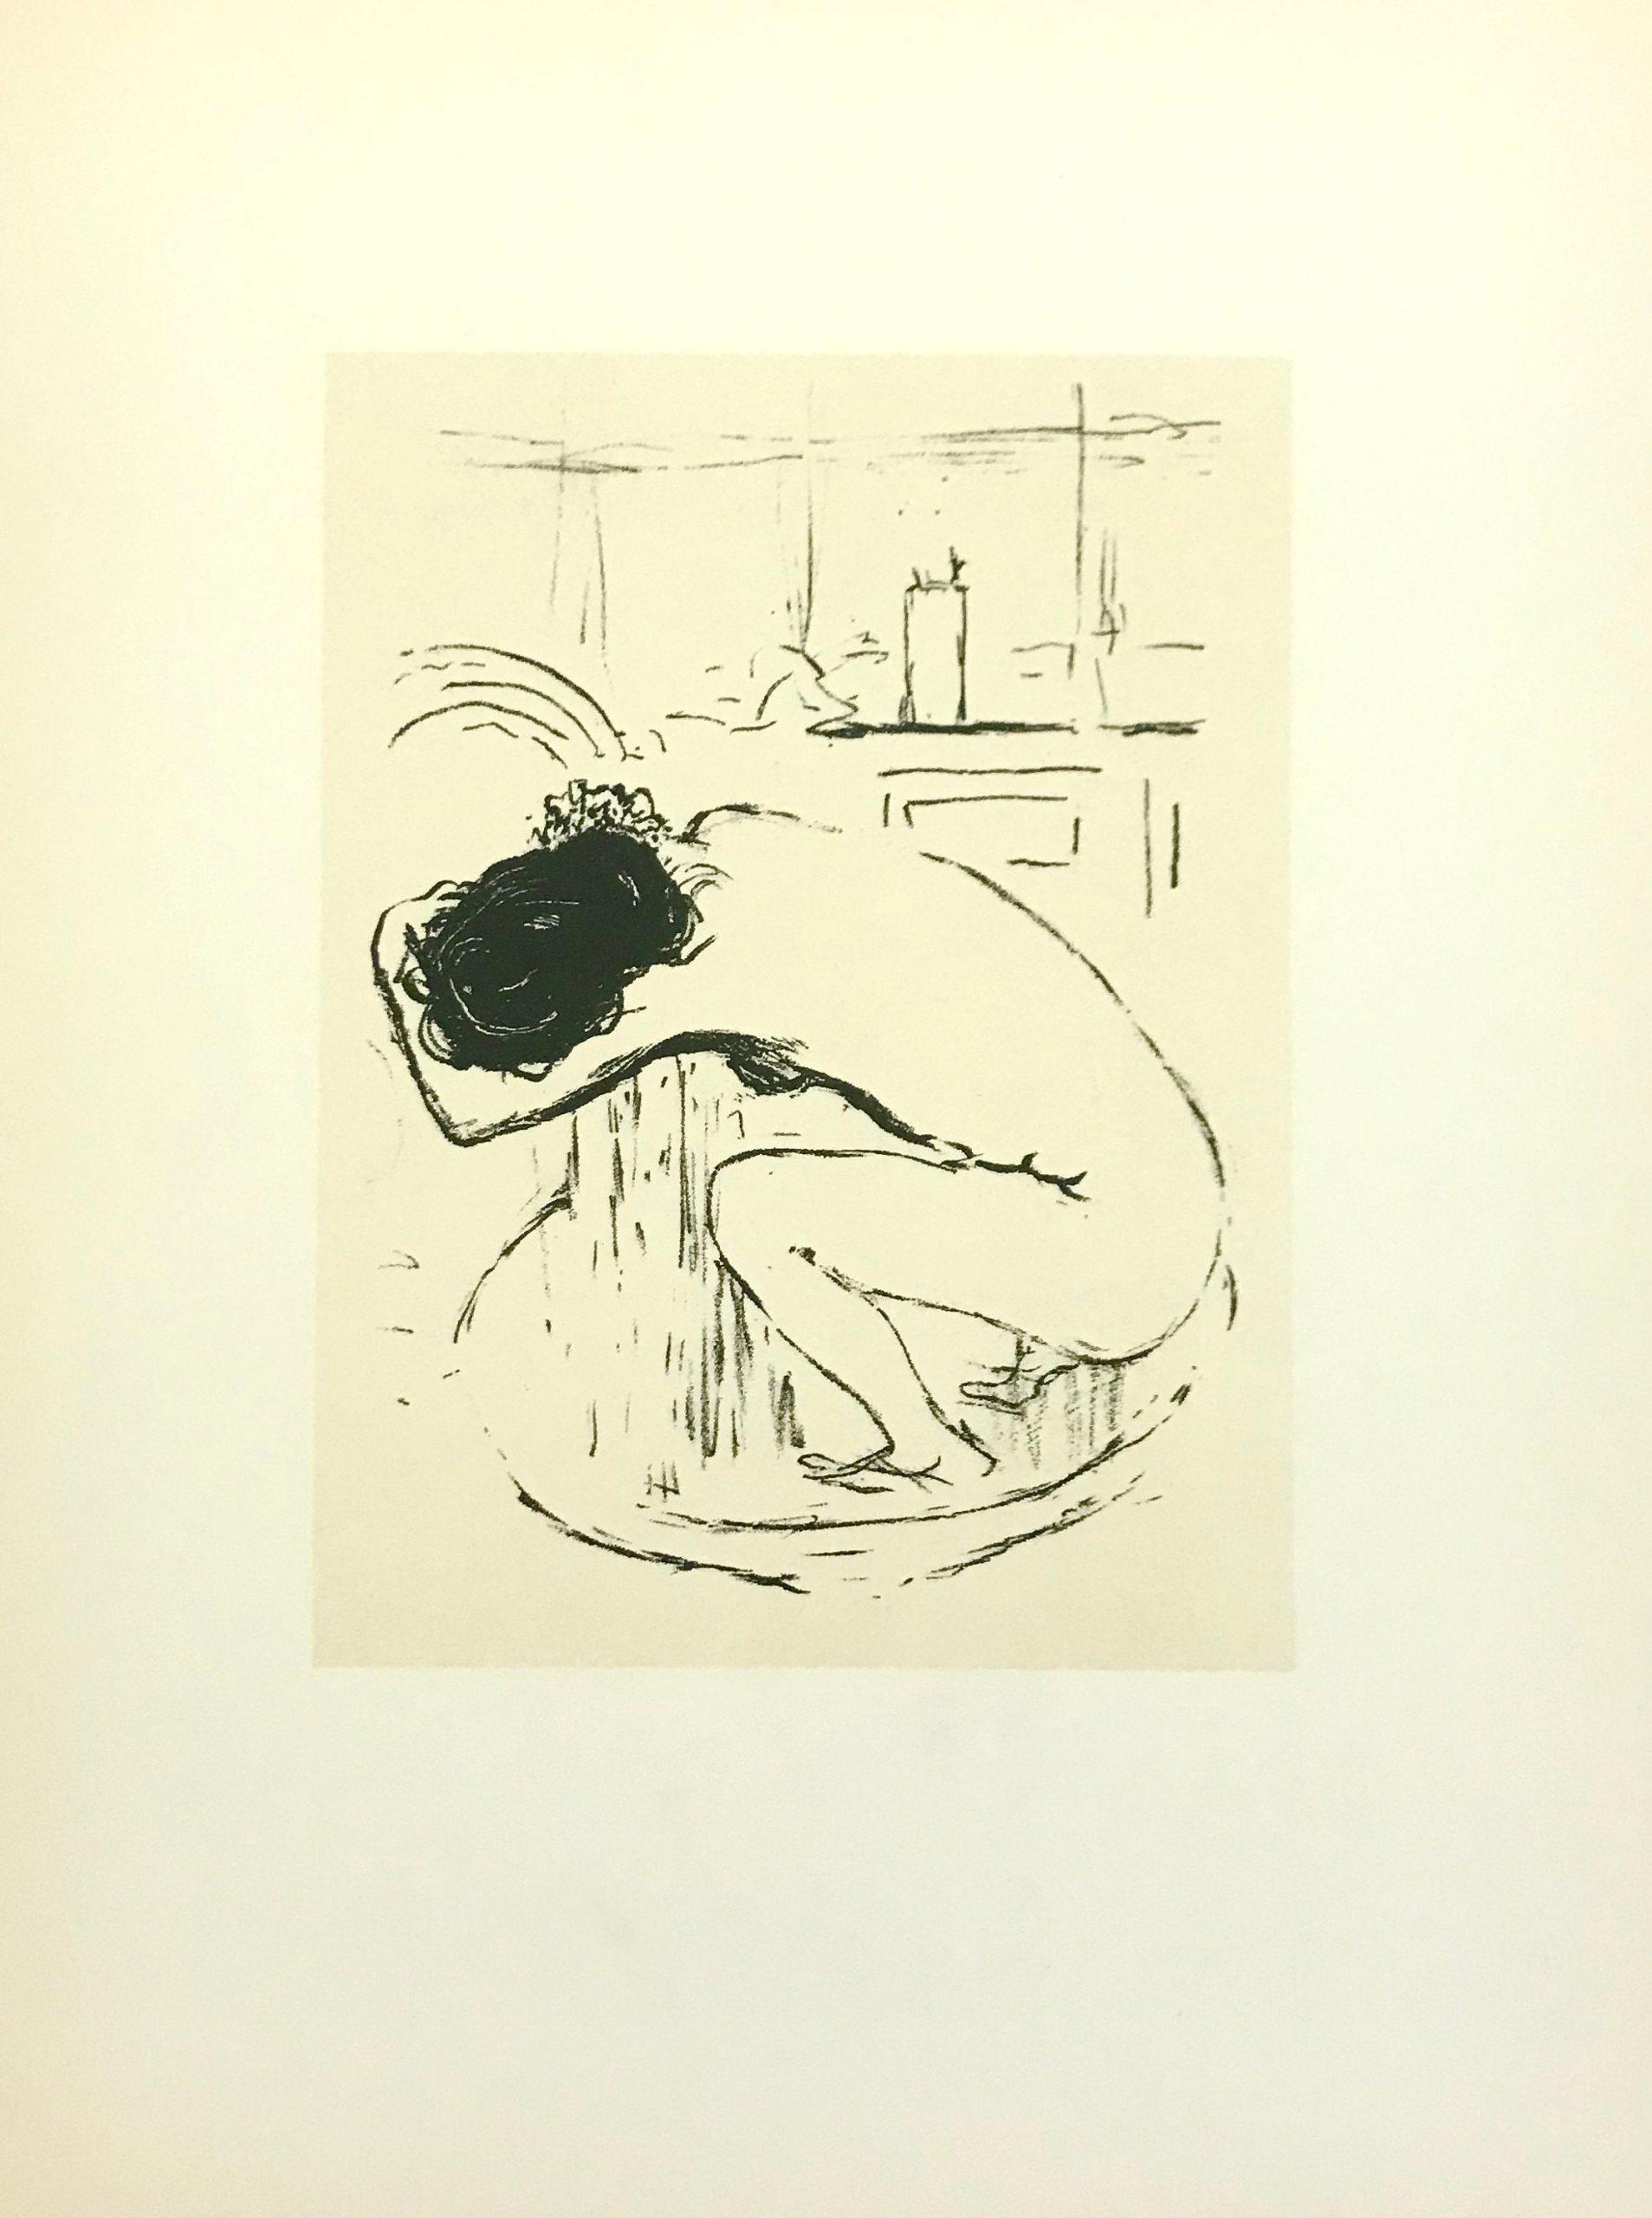 Bonnard Lithograph 31, Le Tub 1952